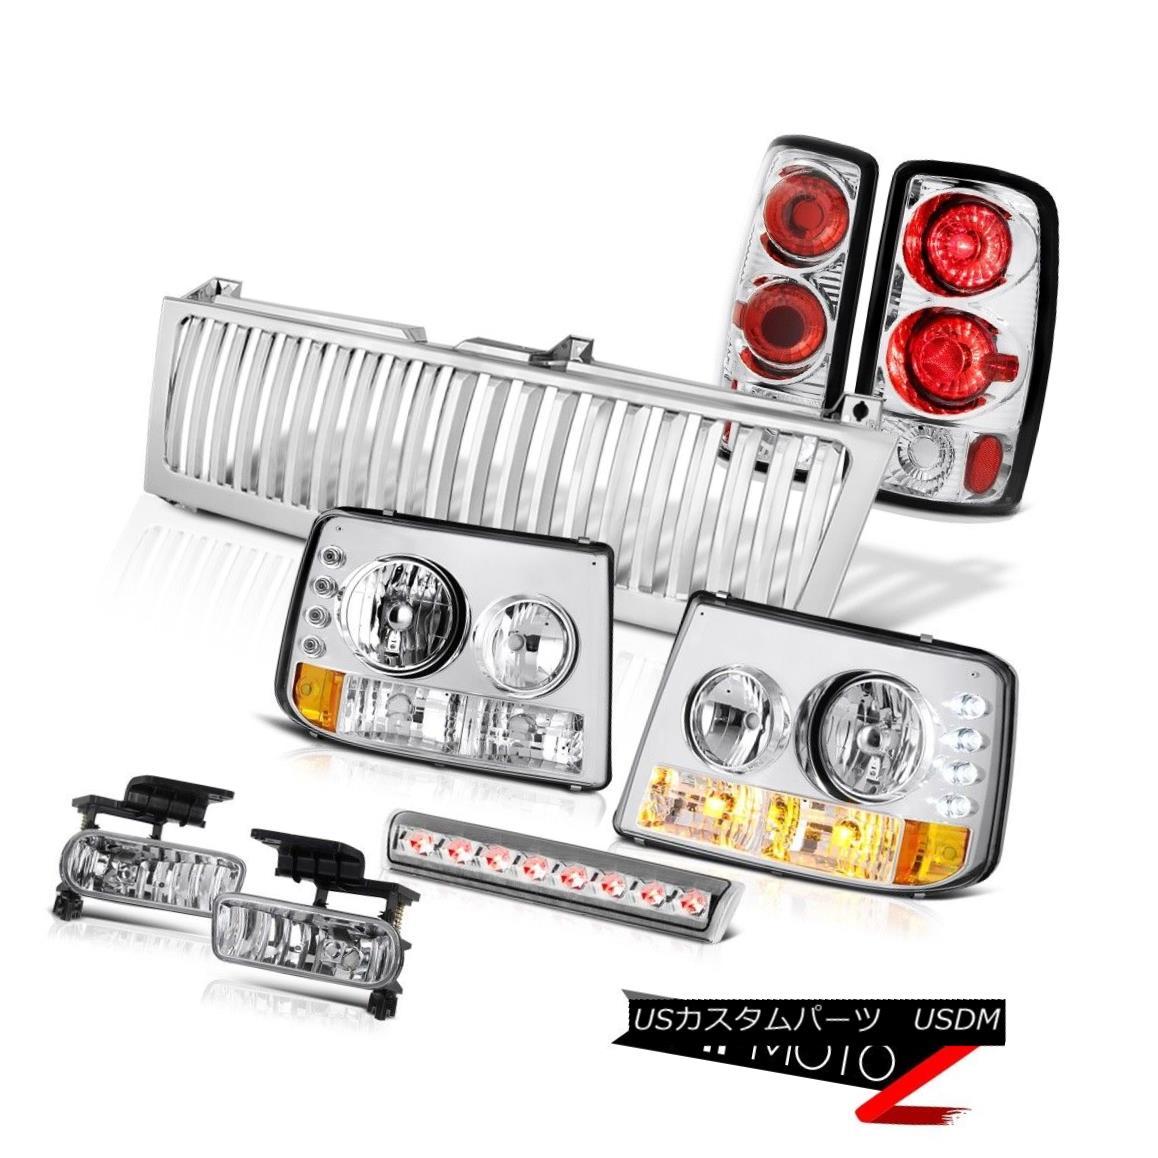 テールライト Headlights Bumper Rear Tail Lamps Fog 3rd Brake LED Grille 00-06 Suburban 2500 ヘッドライトバンパーリアテールランプフォグ第3ブレーキLEDグリル00-06郊外2500